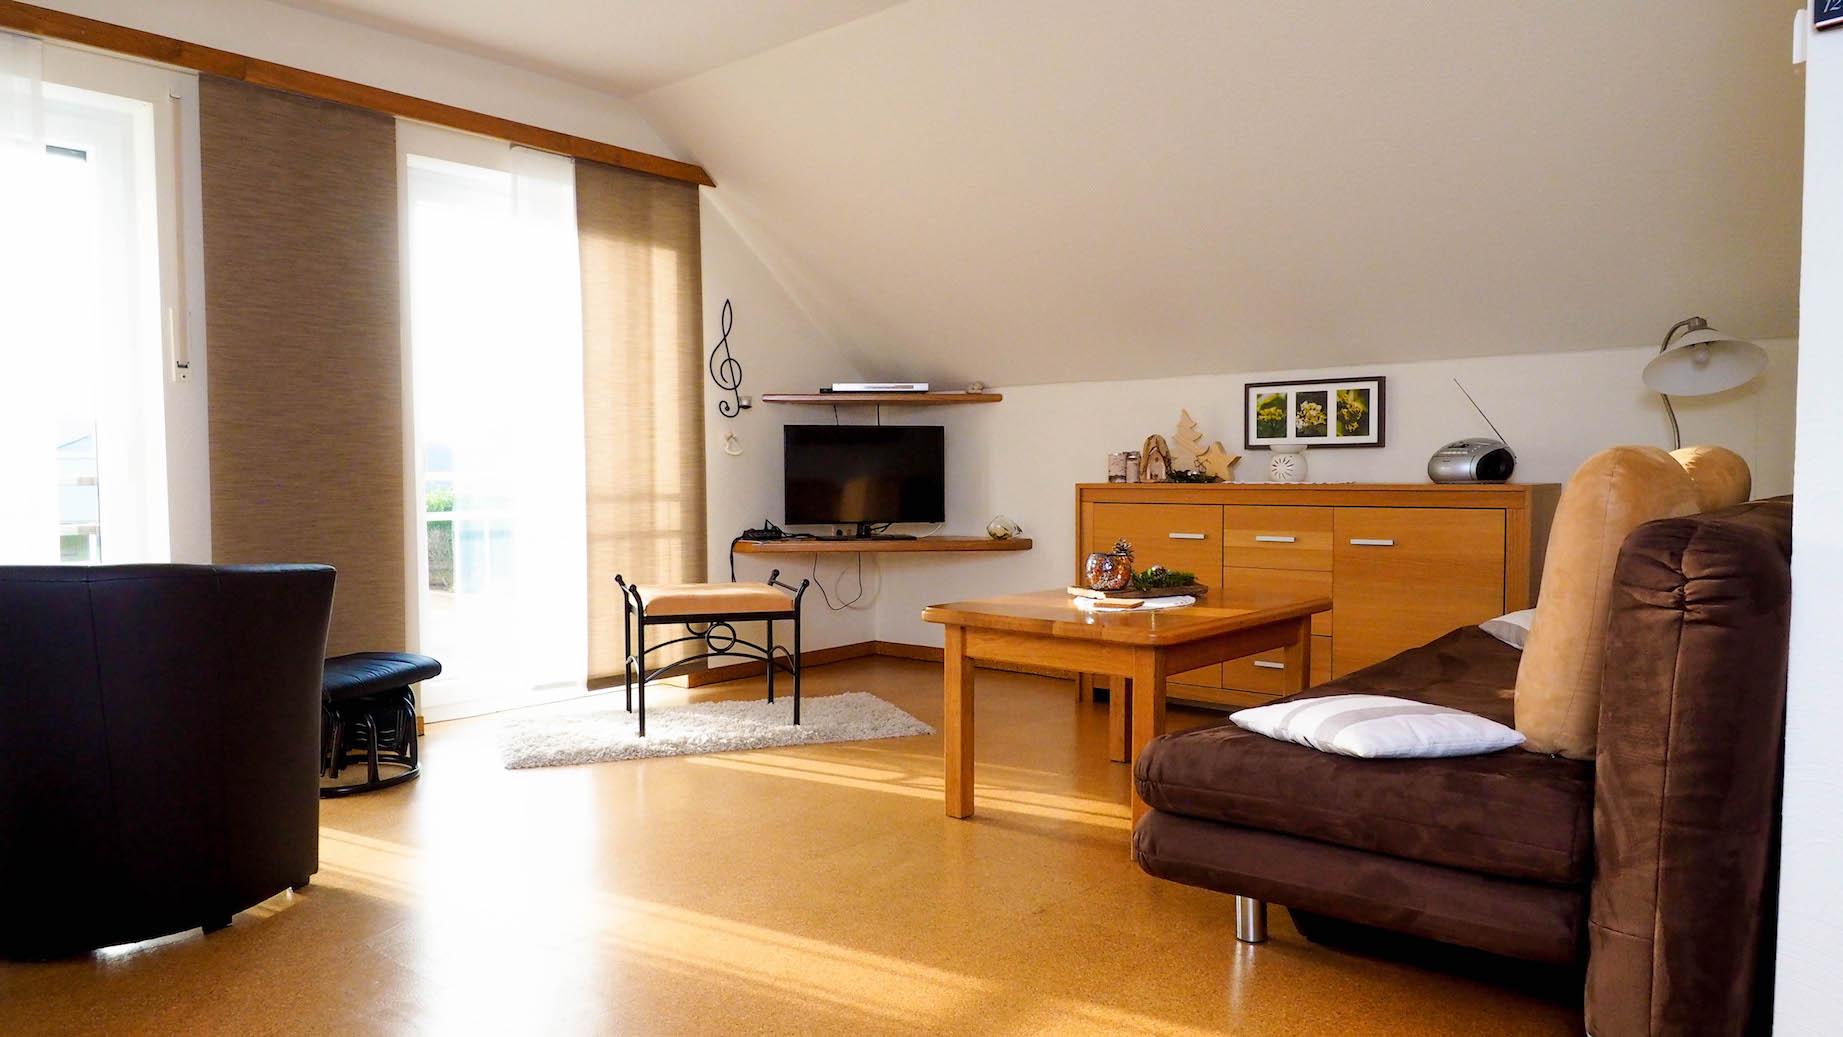 ausstattung der ferienwohnung ferienwohnung zum rosengarten. Black Bedroom Furniture Sets. Home Design Ideas